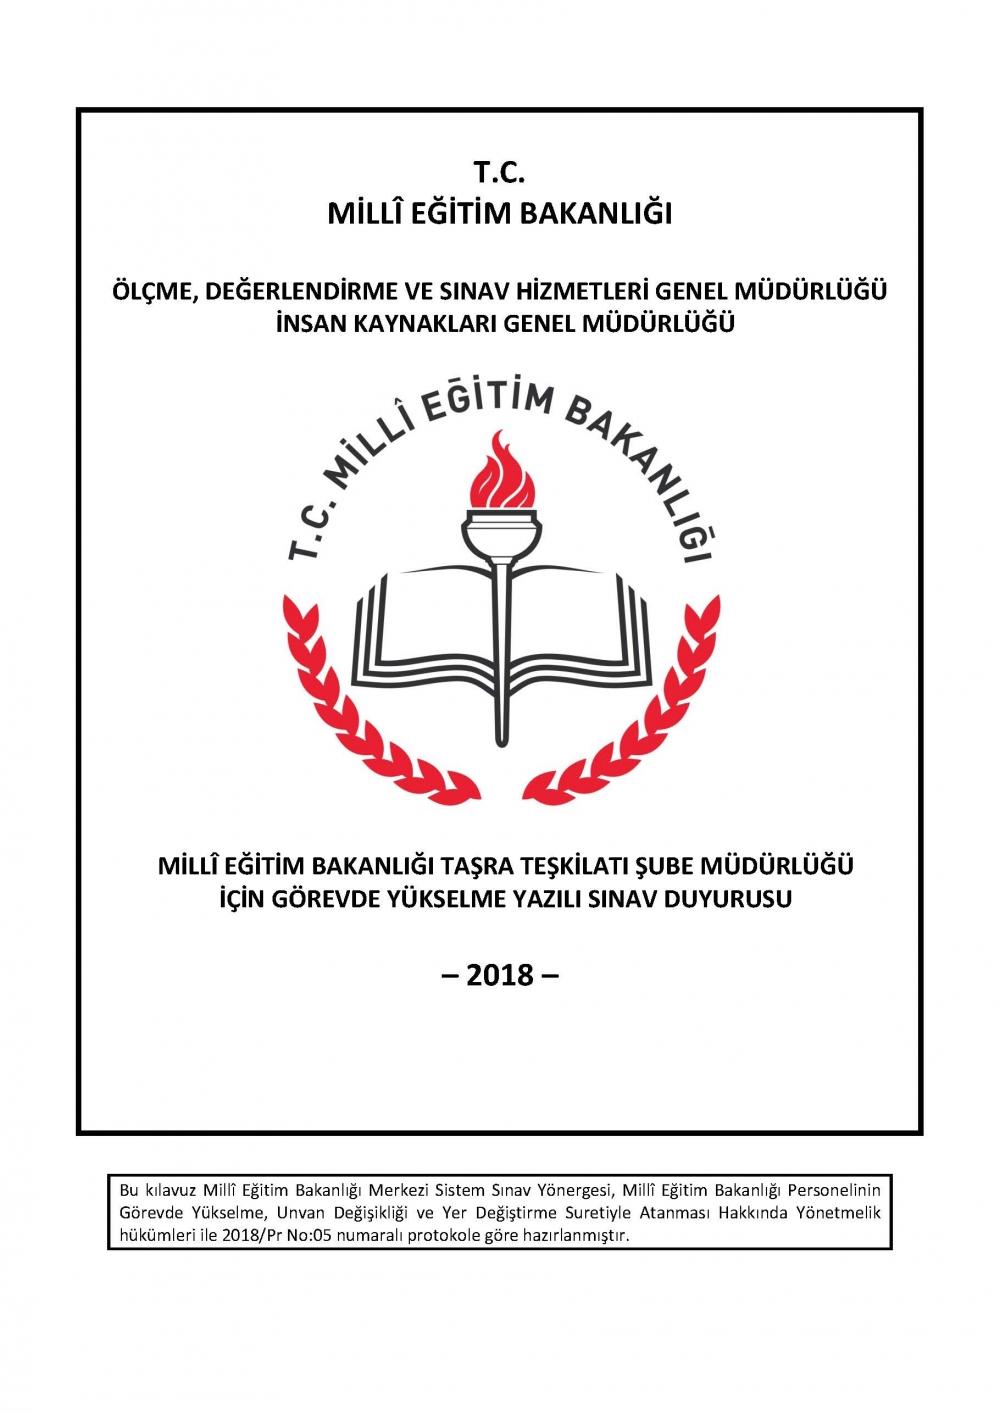 MEB Şube Müdürlüğü 2018 Sınav Kılavuzu Duyurusu 1